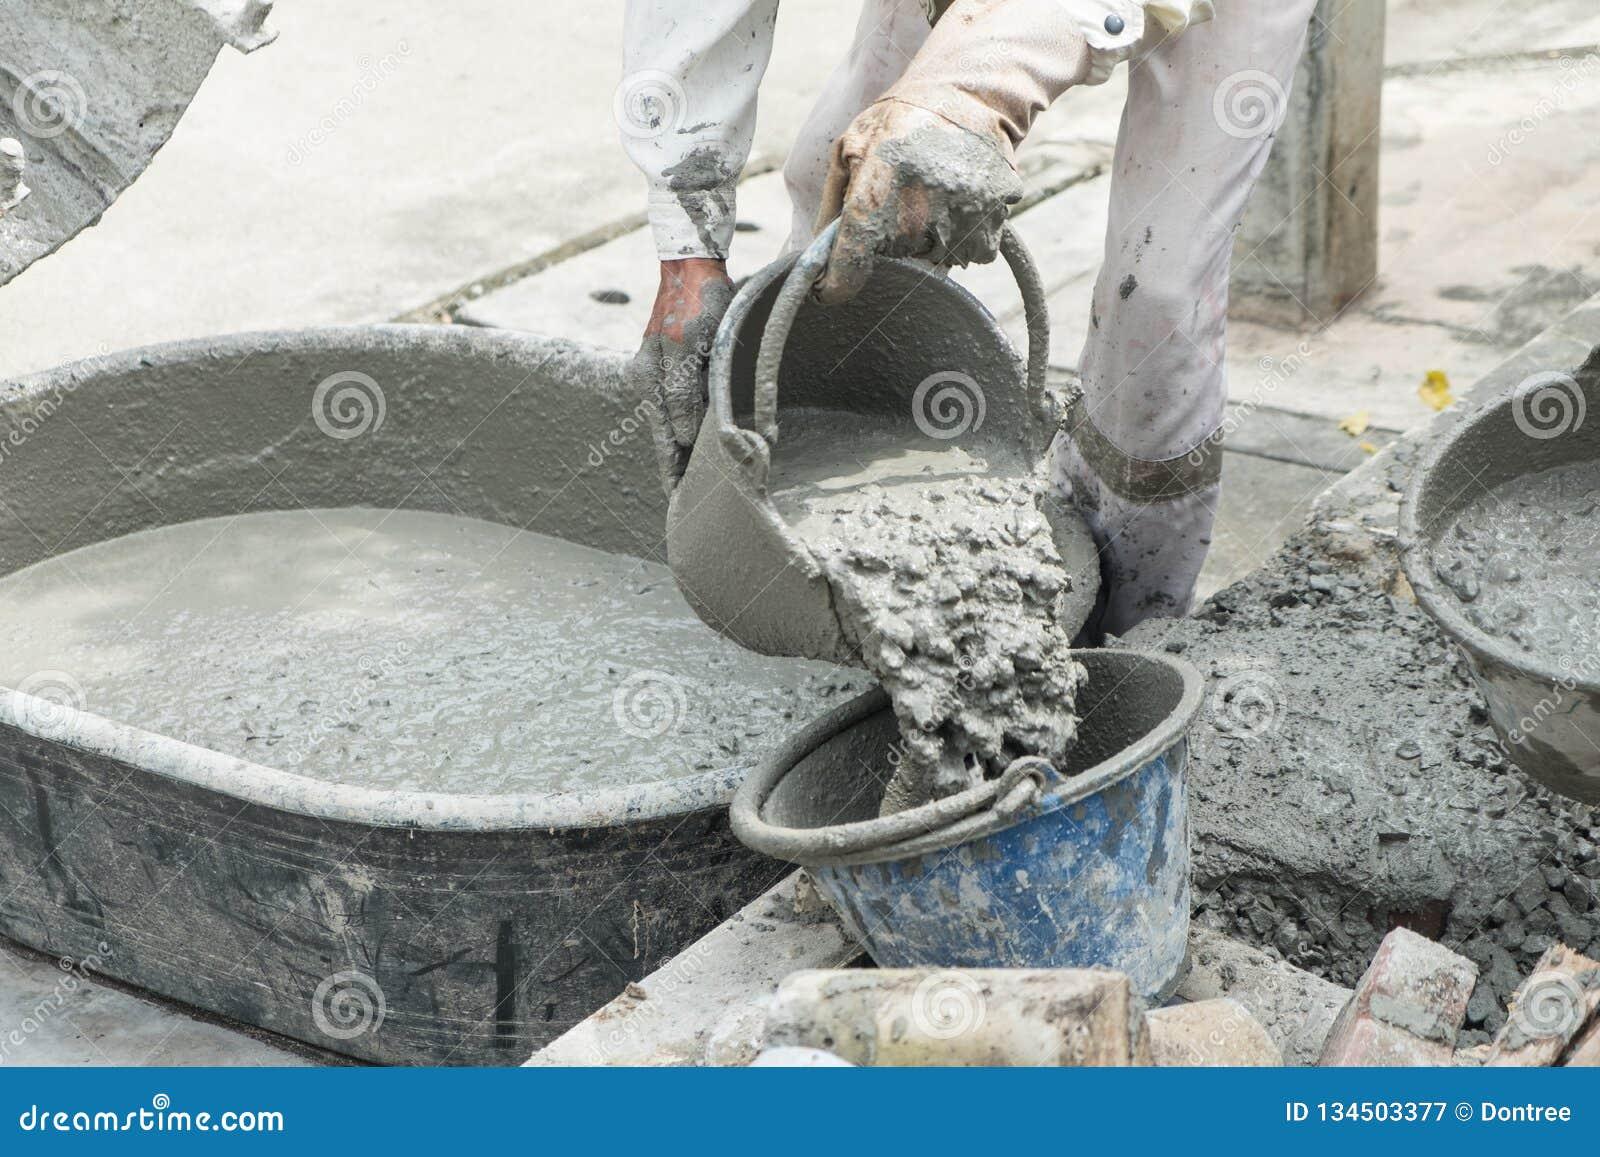 Смешивают бетон вибронасадка для уплотнения бетона купить